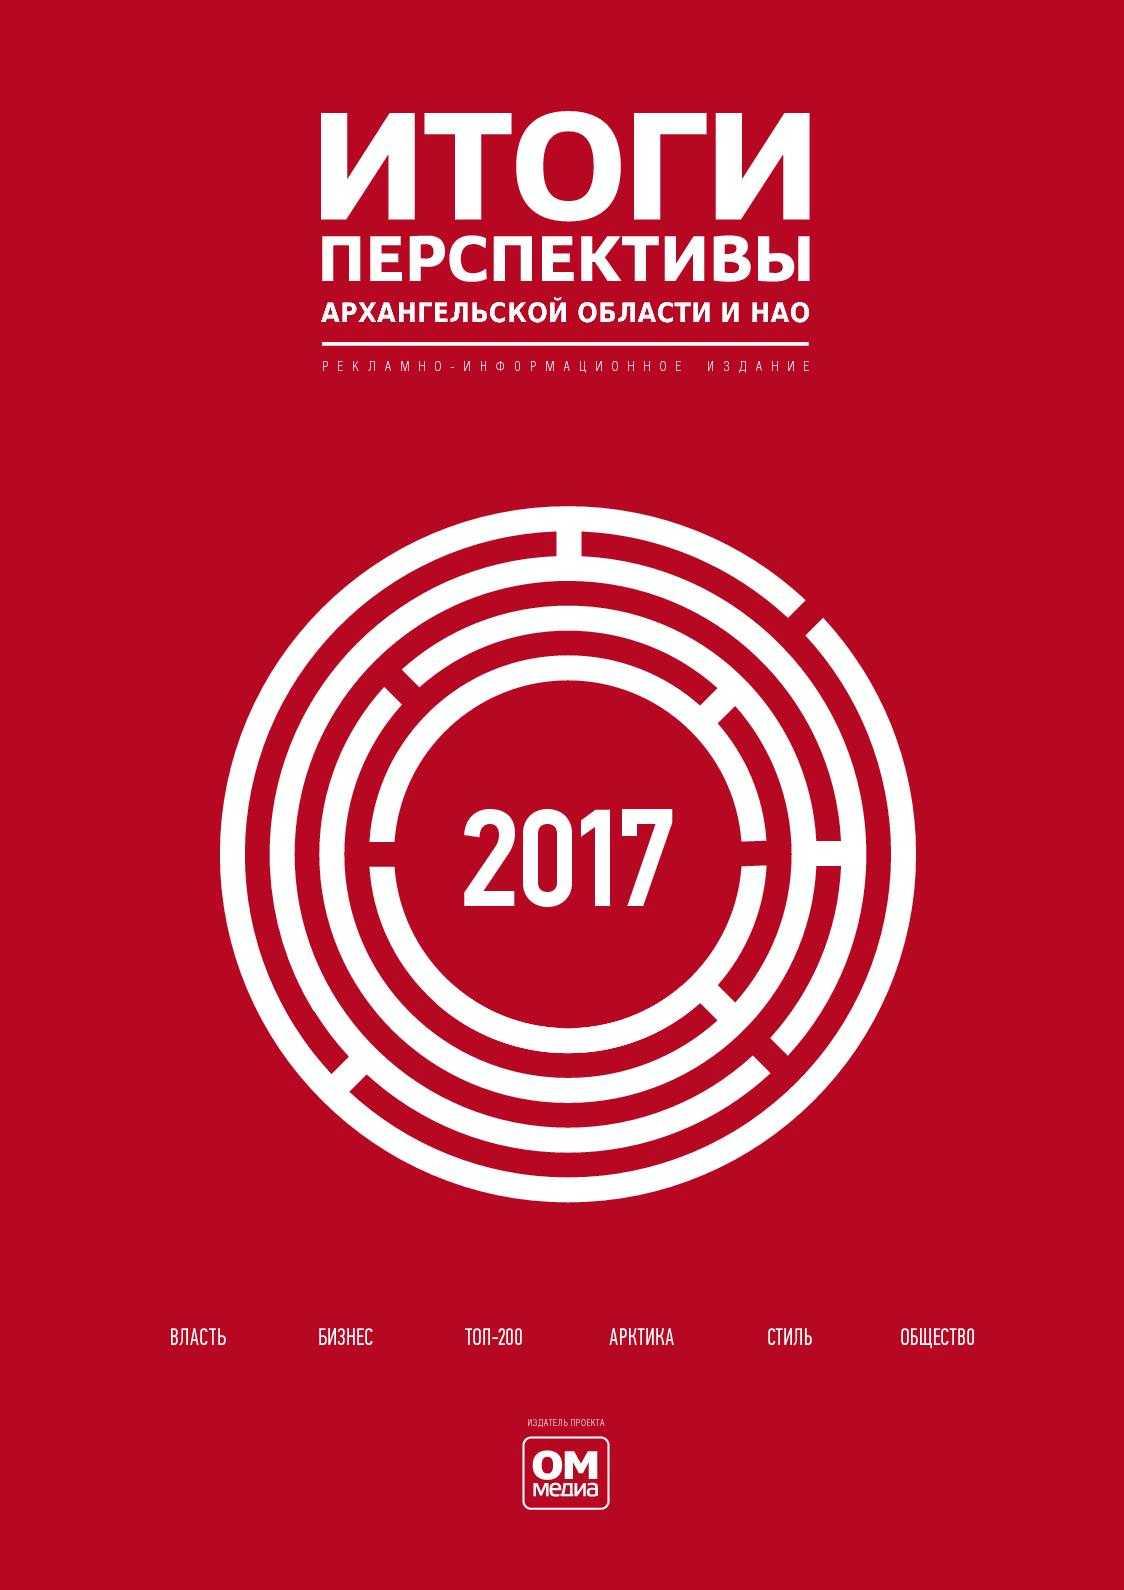 Украинская лотерея loto maxima (5 из 45)